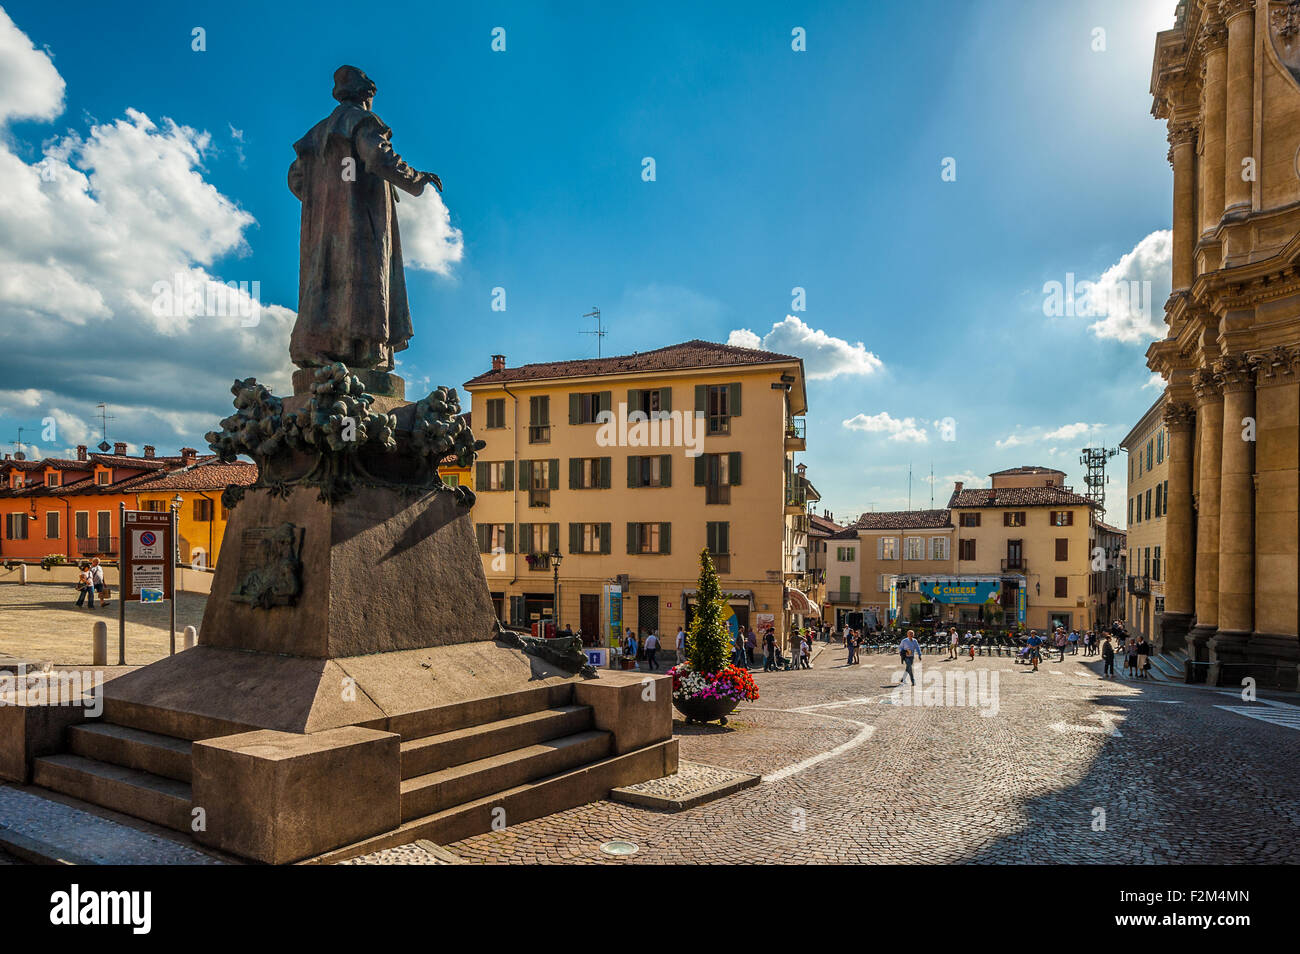 Italy Piedmont Bra Piazza Caduti della Libertà - Stock Image